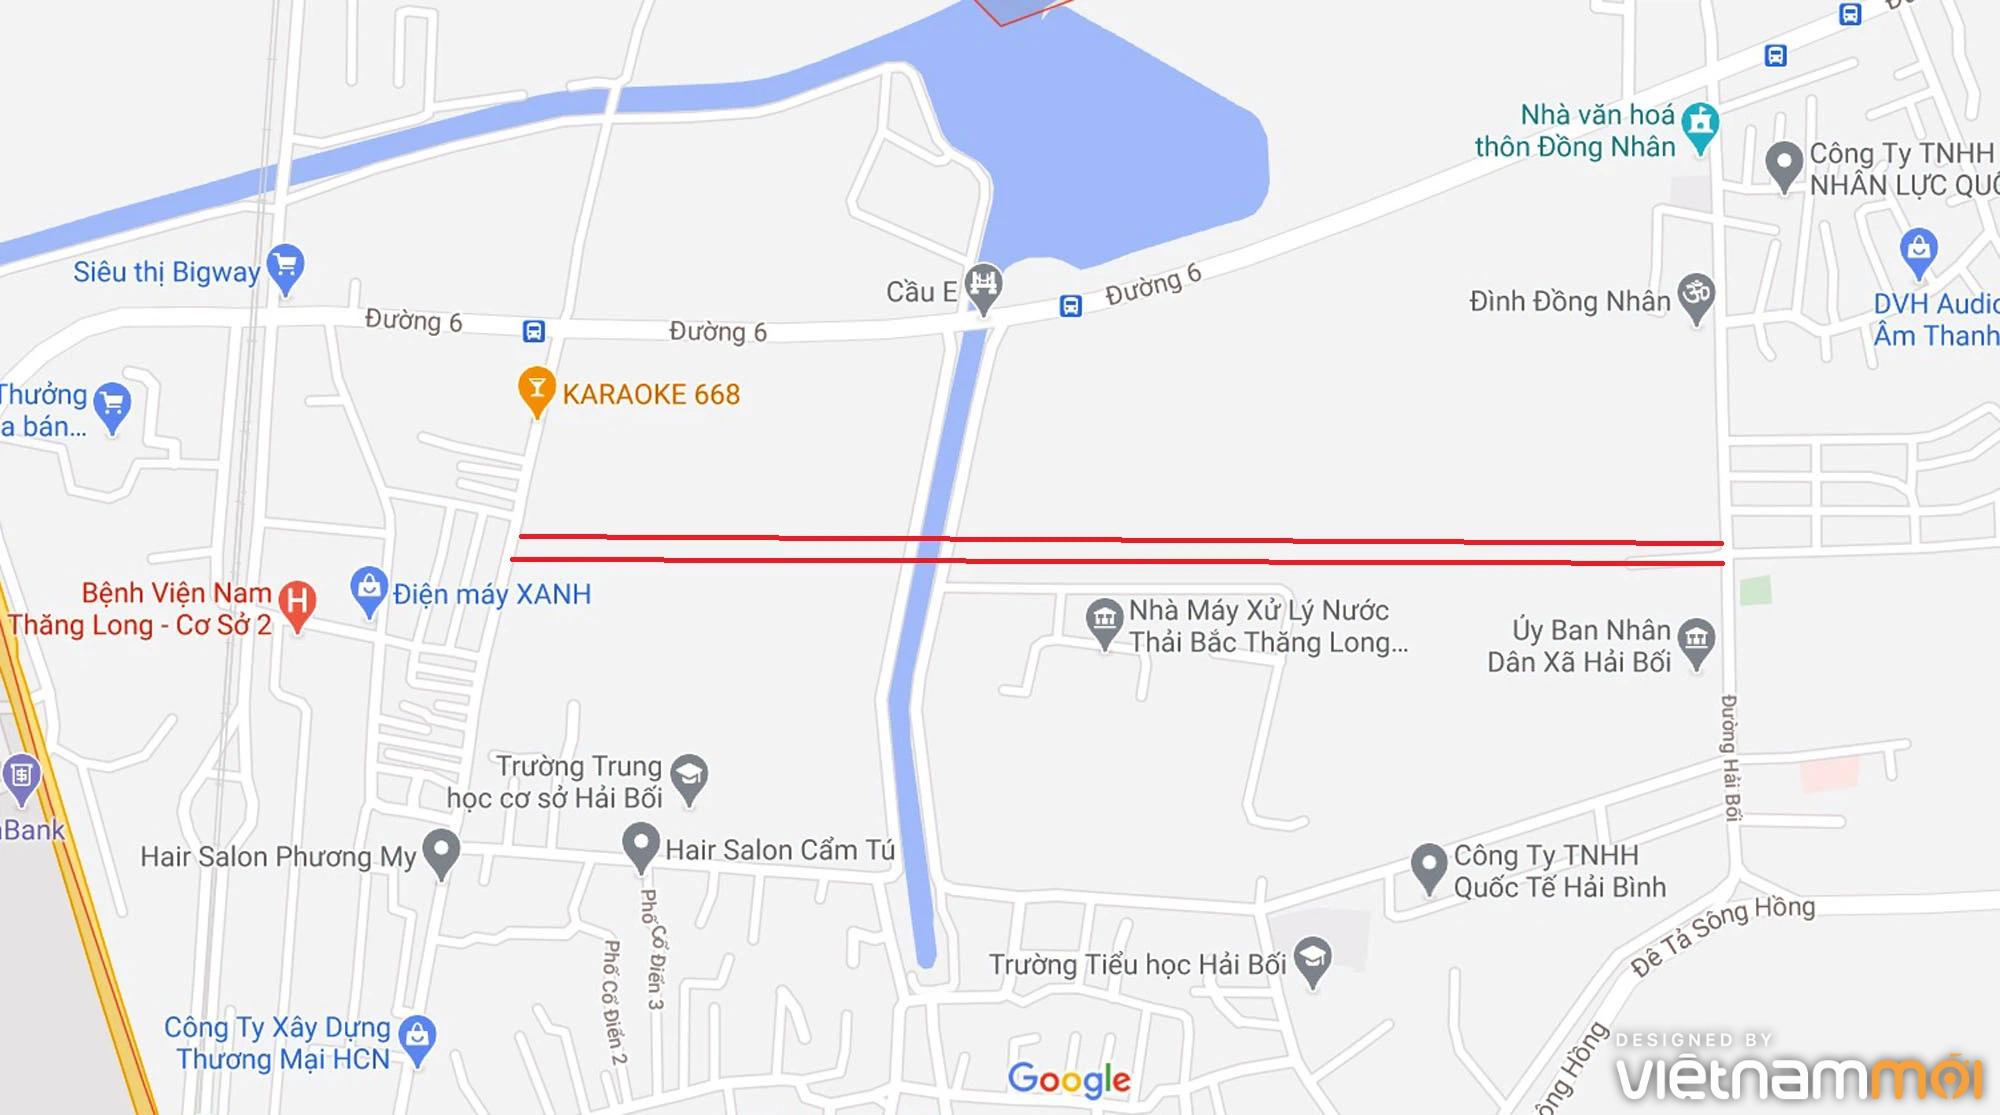 Đường sẽ mở theo quy hoạch ở xã Hải Bối, Đông Anh, Hà Nội (phần 3) - Ảnh 2.